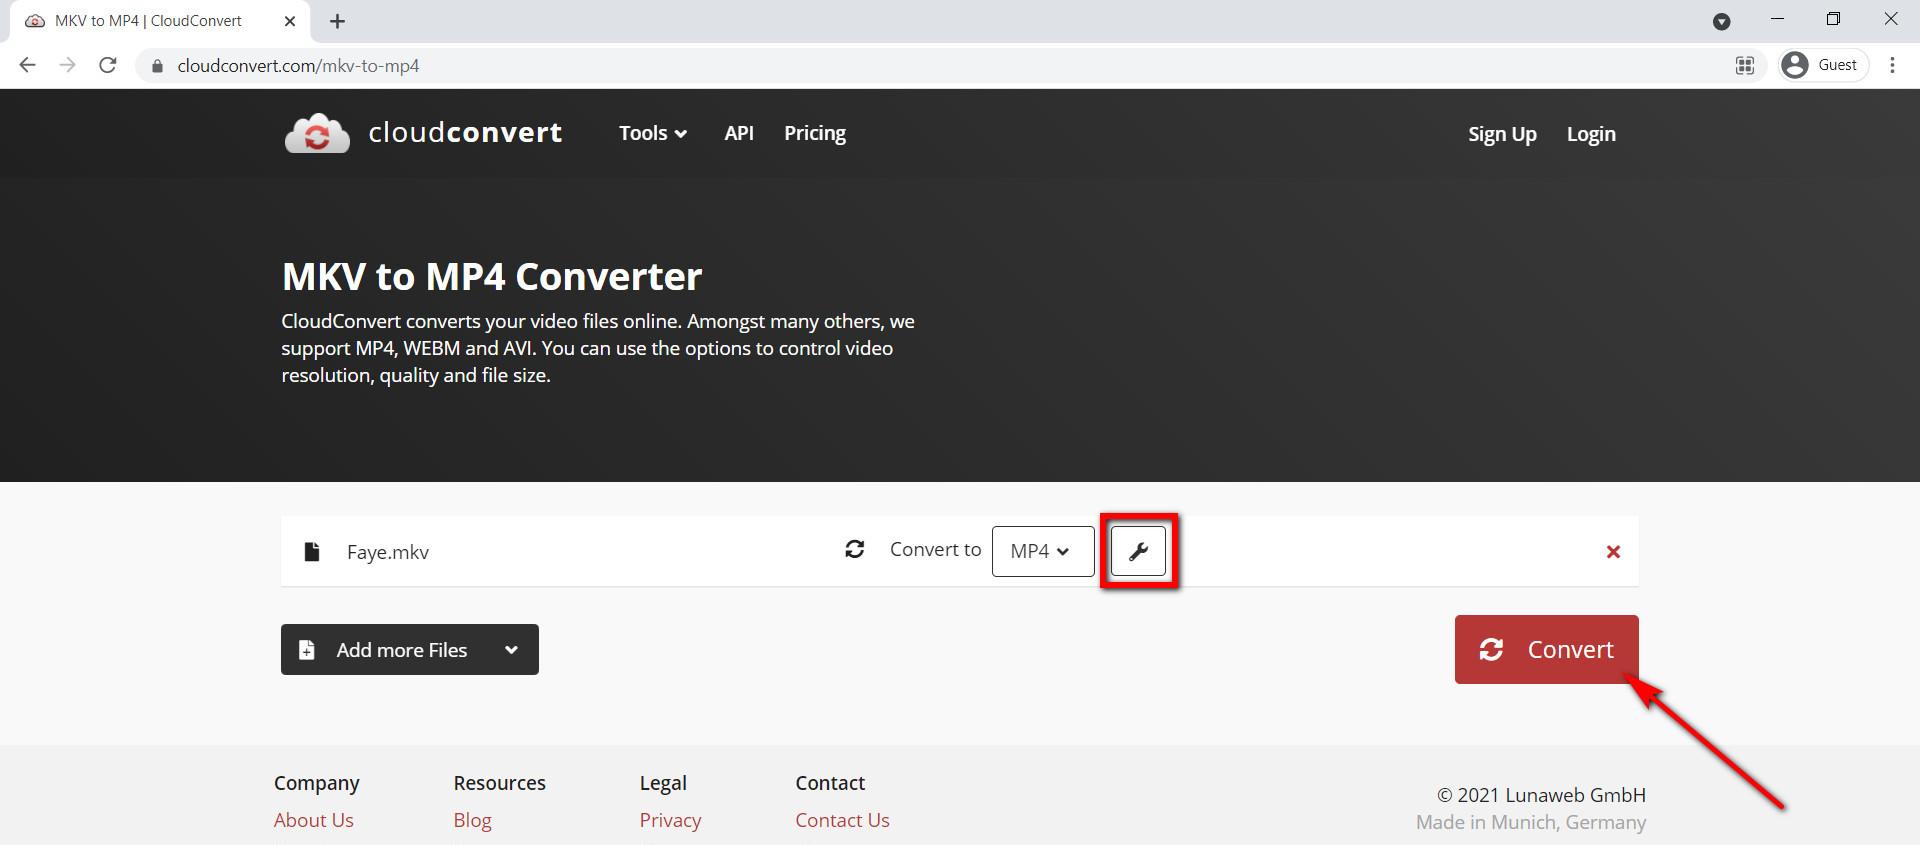 استخدم CloudConvert لتحويل MKV إلى MP4 عبر الإنترنت مجانًا